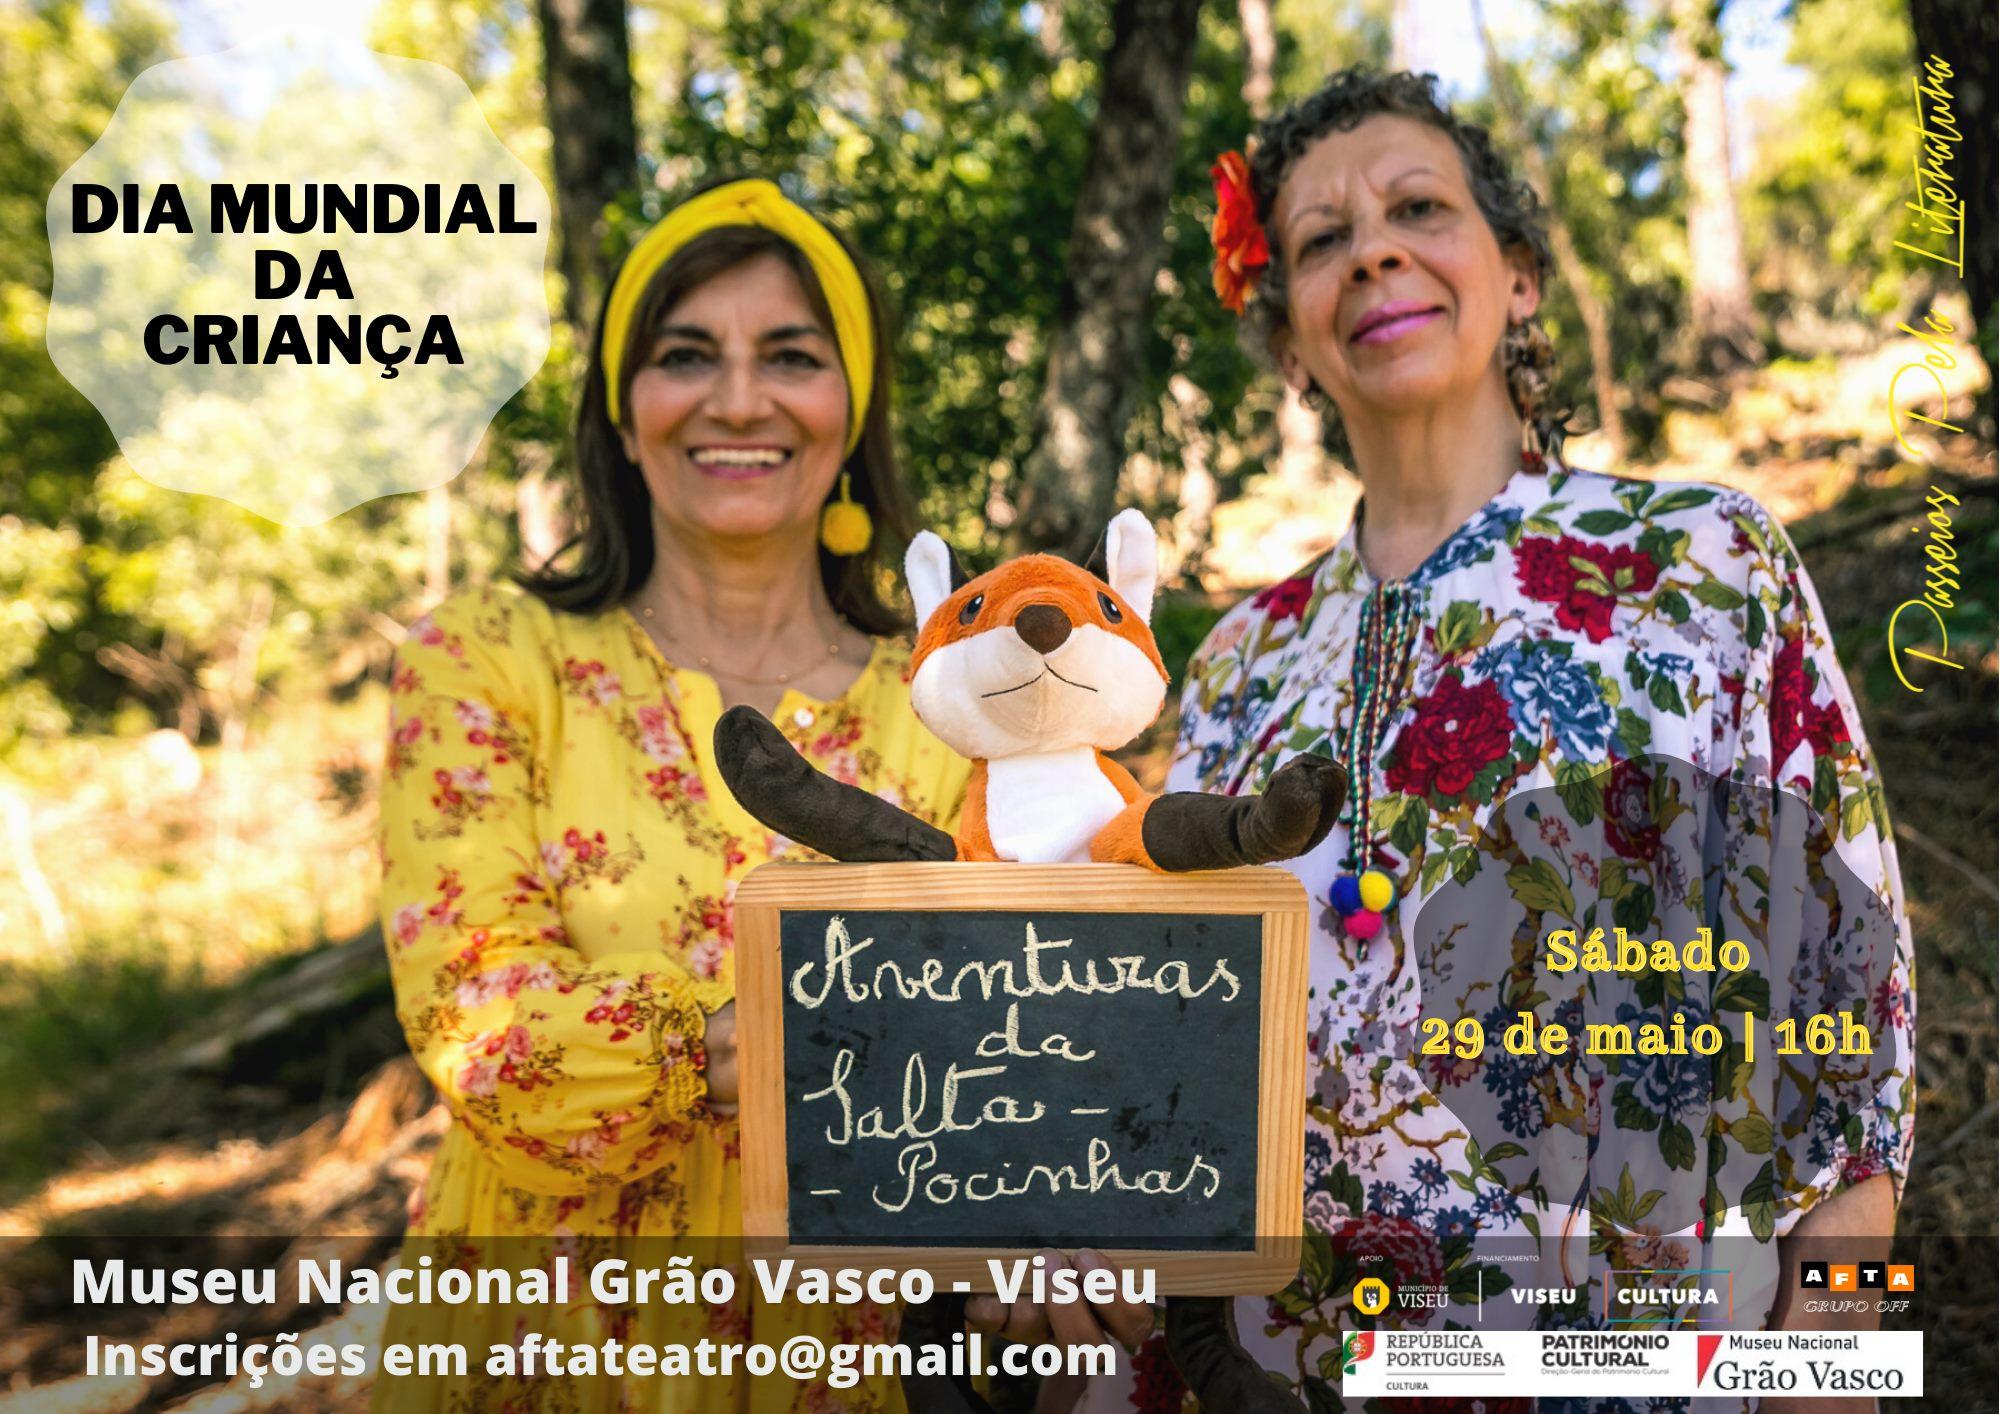 Comemoração dia da criança com as histórias de Salta-pocinhas